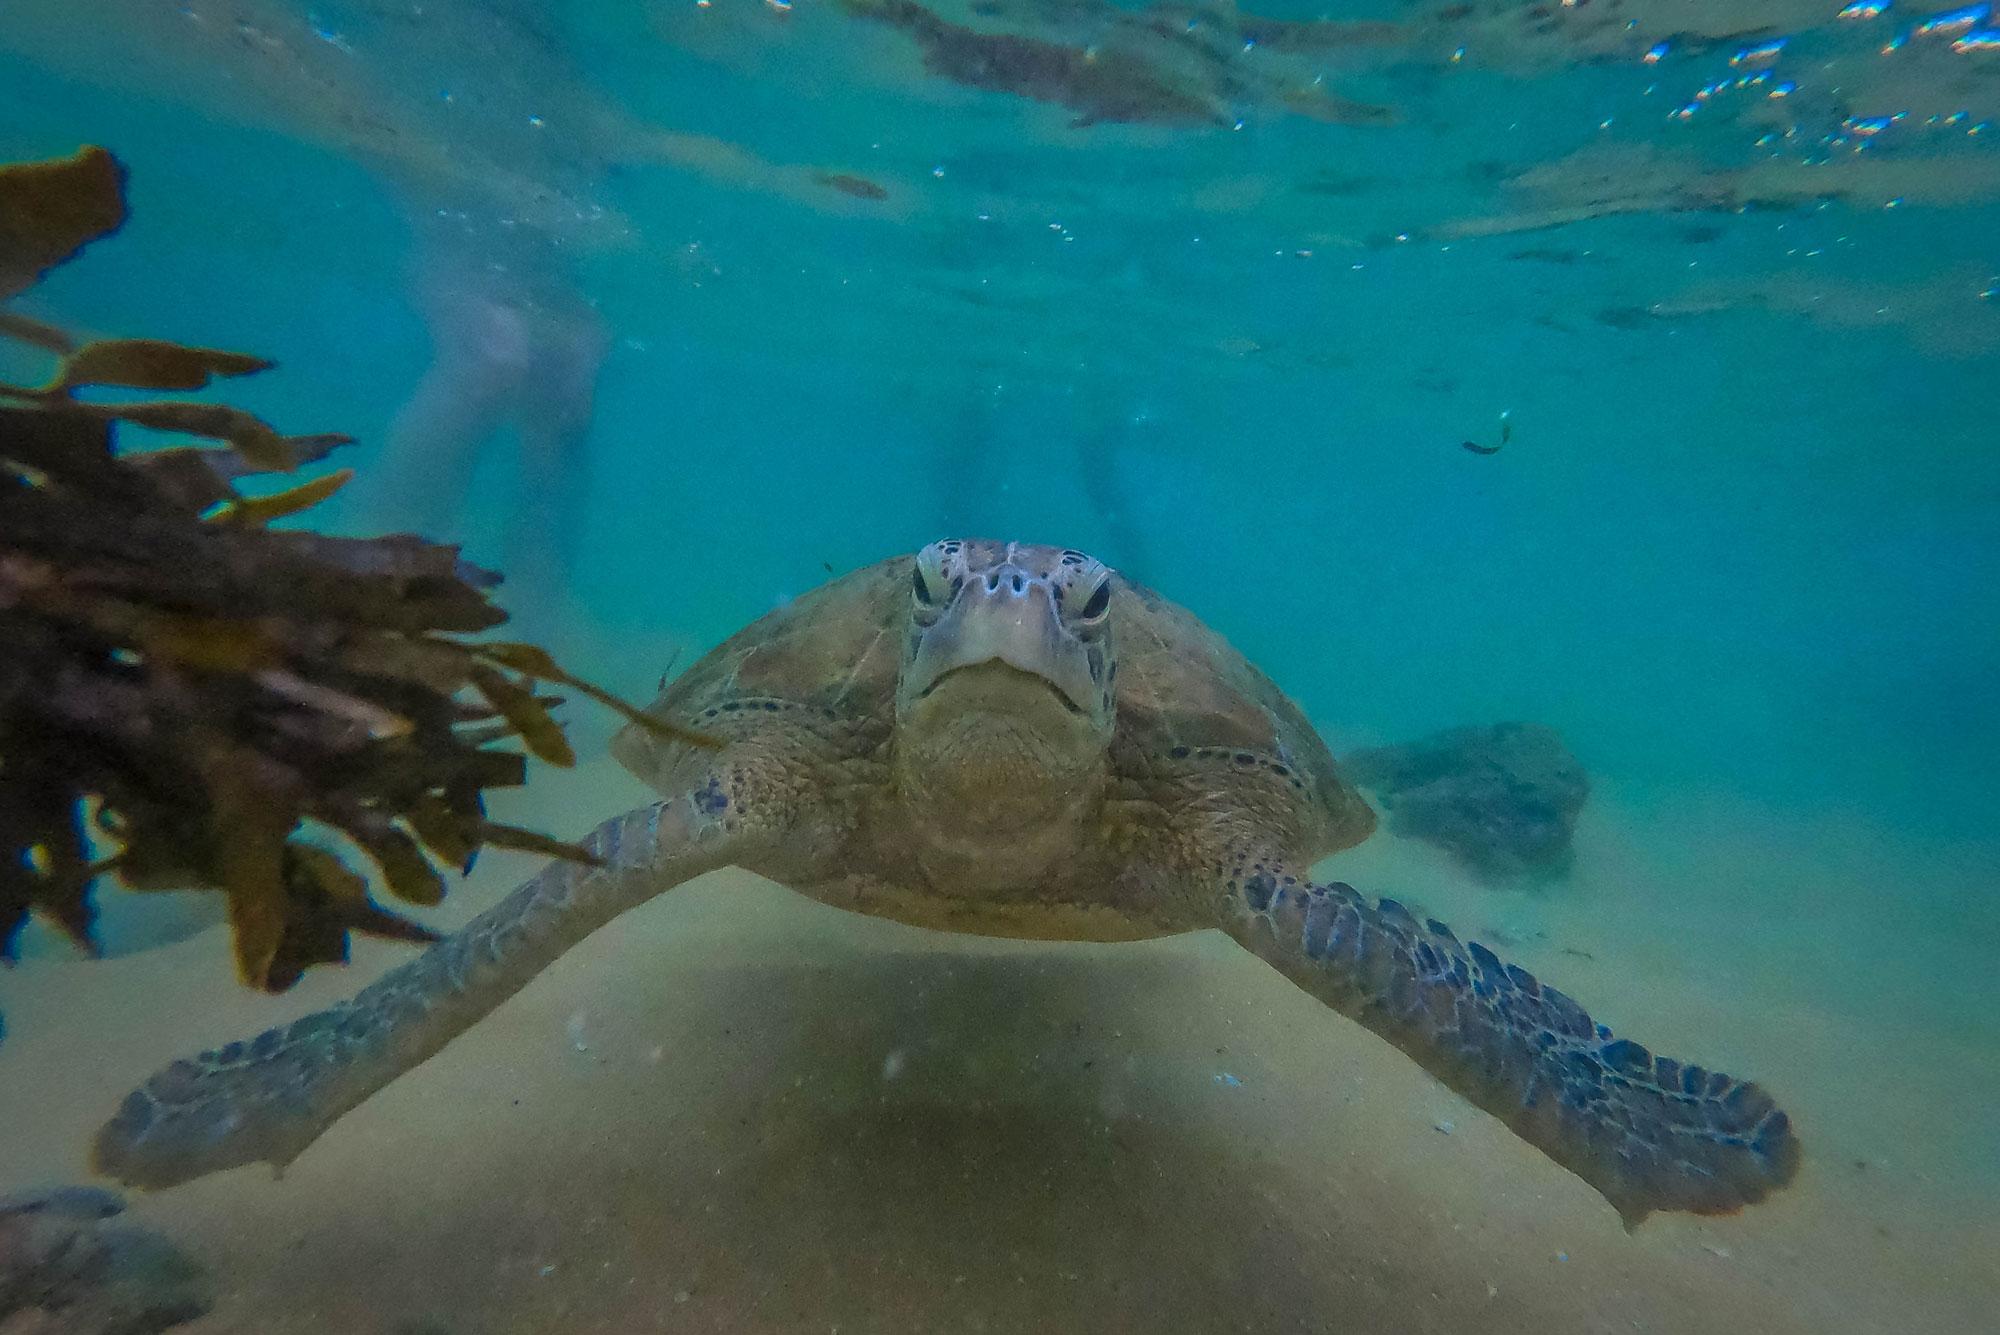 что доброжелательность, гигантские черепахи на шри ланка фото тигровых креветок